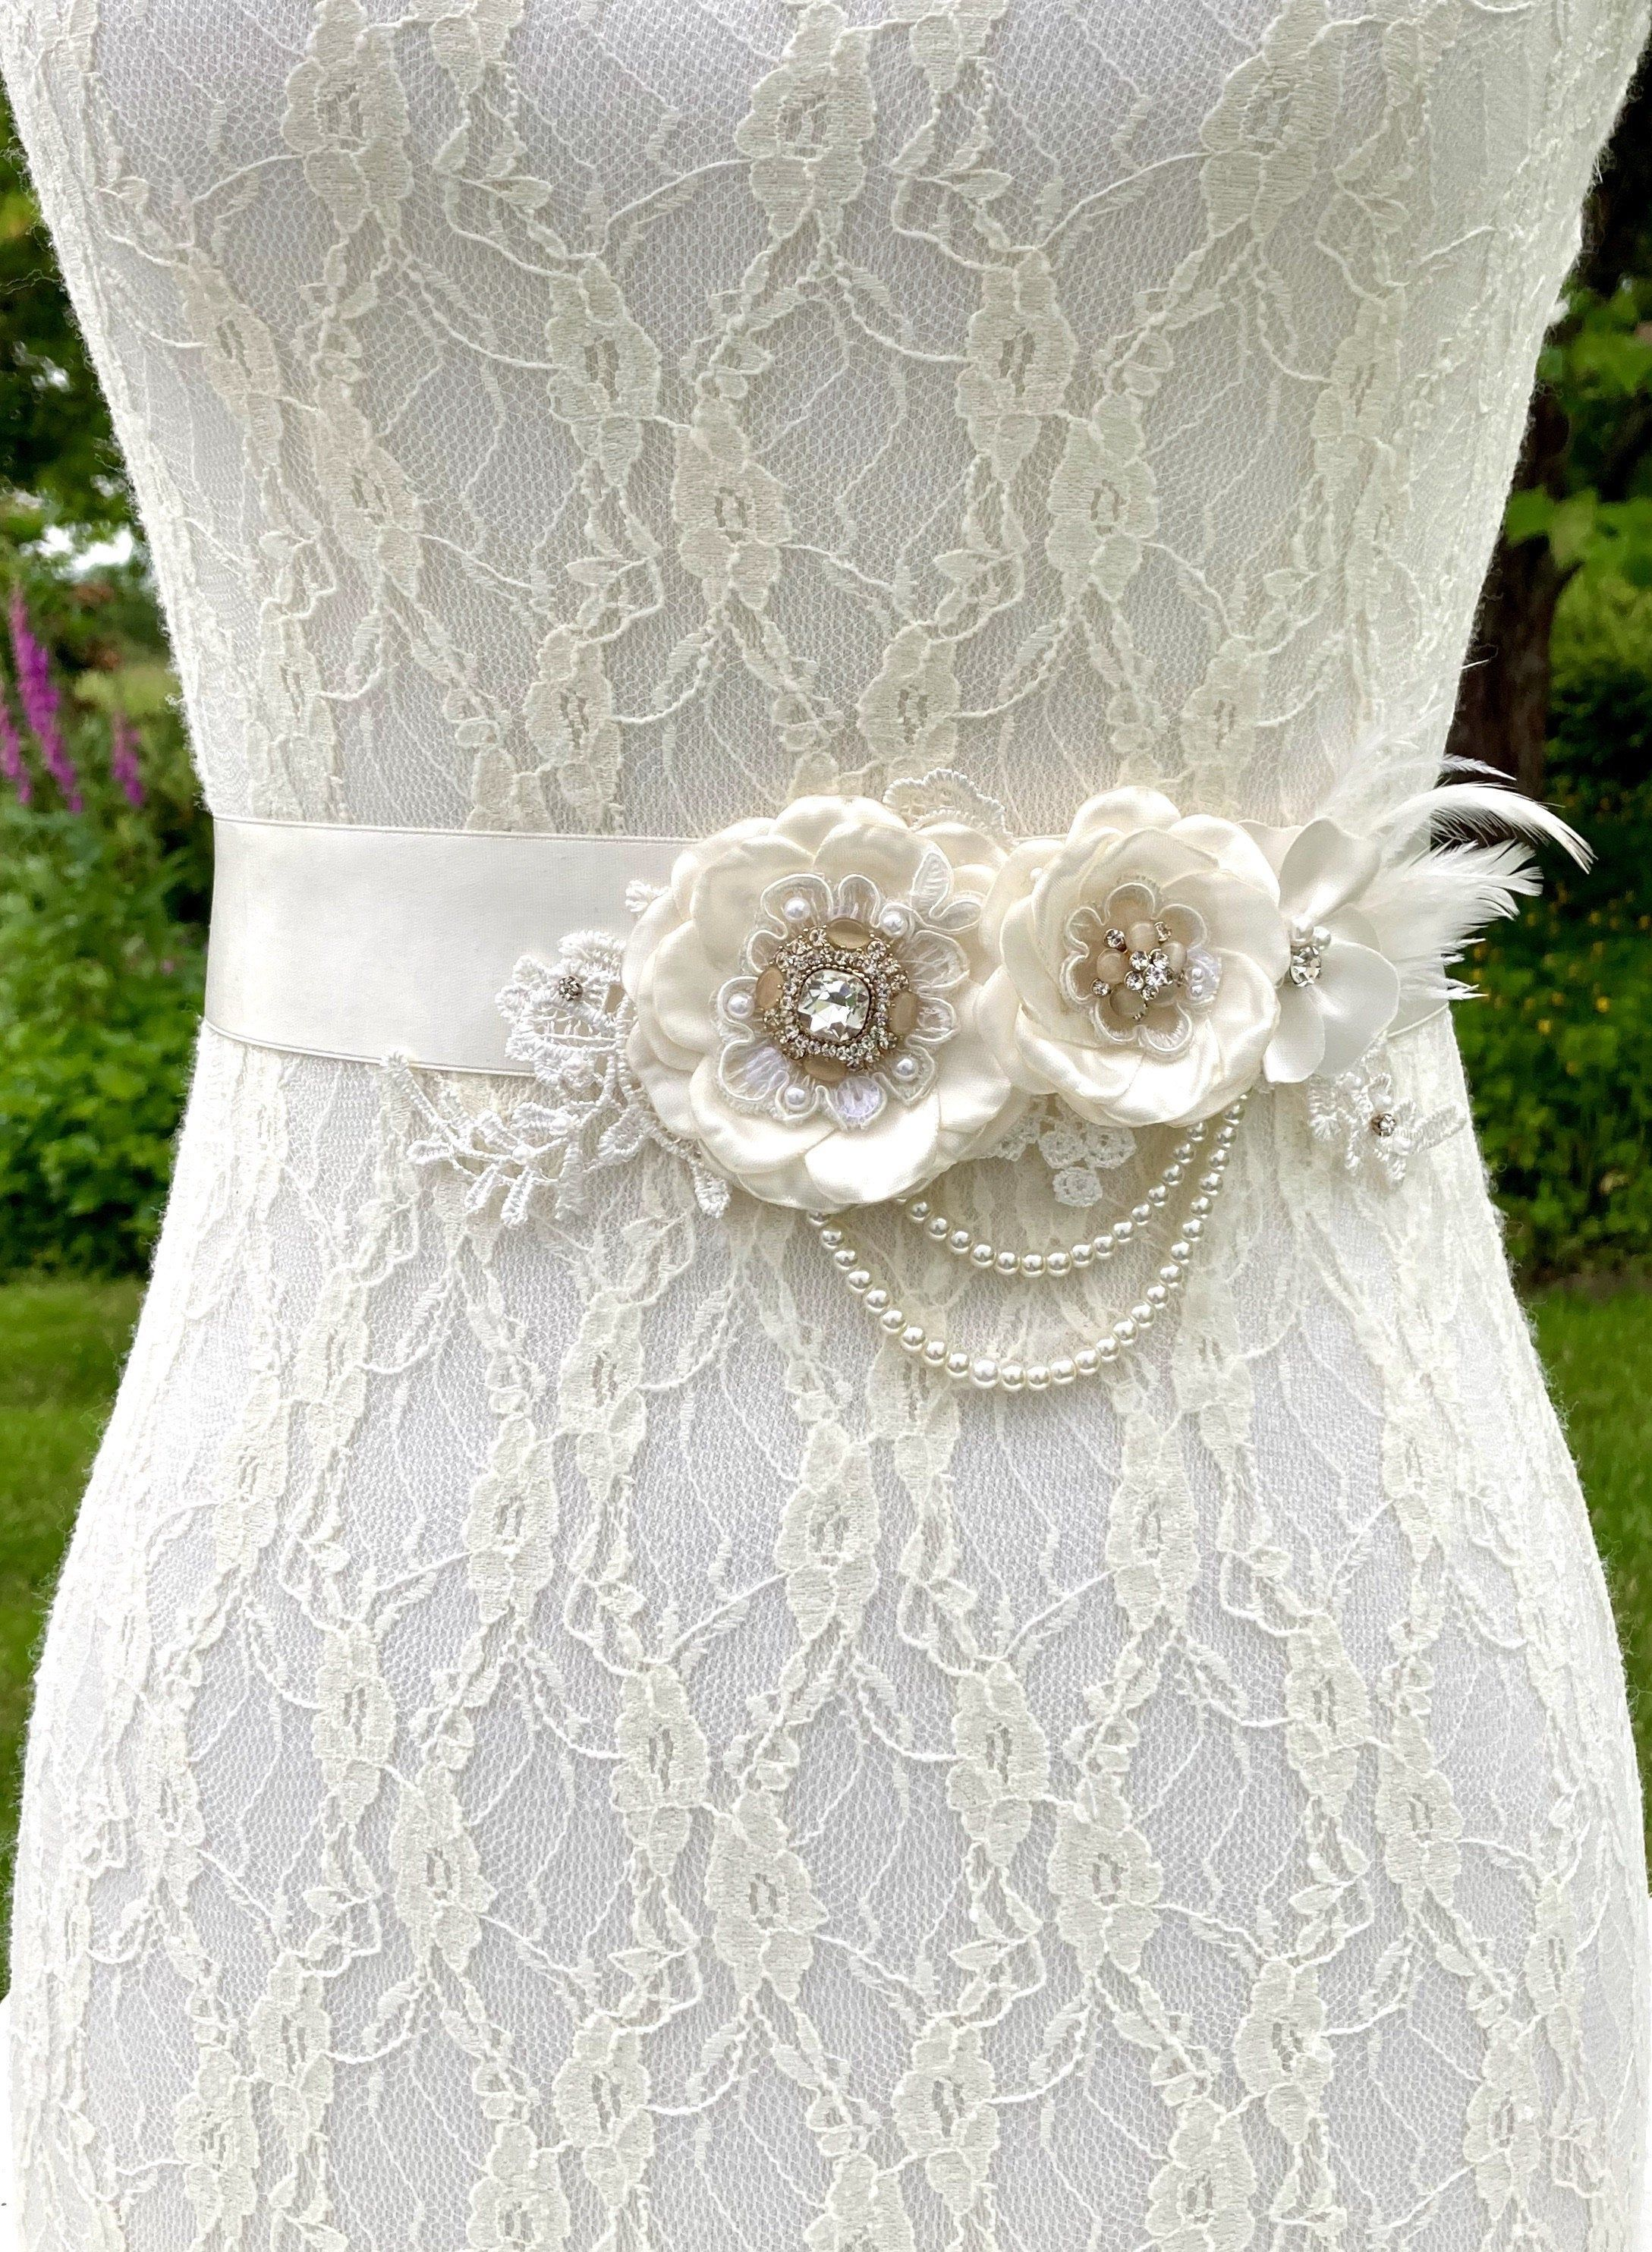 Ivory Wedding Dress Sash Belt Beige And Ivory Floral Bridal In 2020 Floral Bridal Sash Wedding Dress Sash Belt Wedding Dress Sash